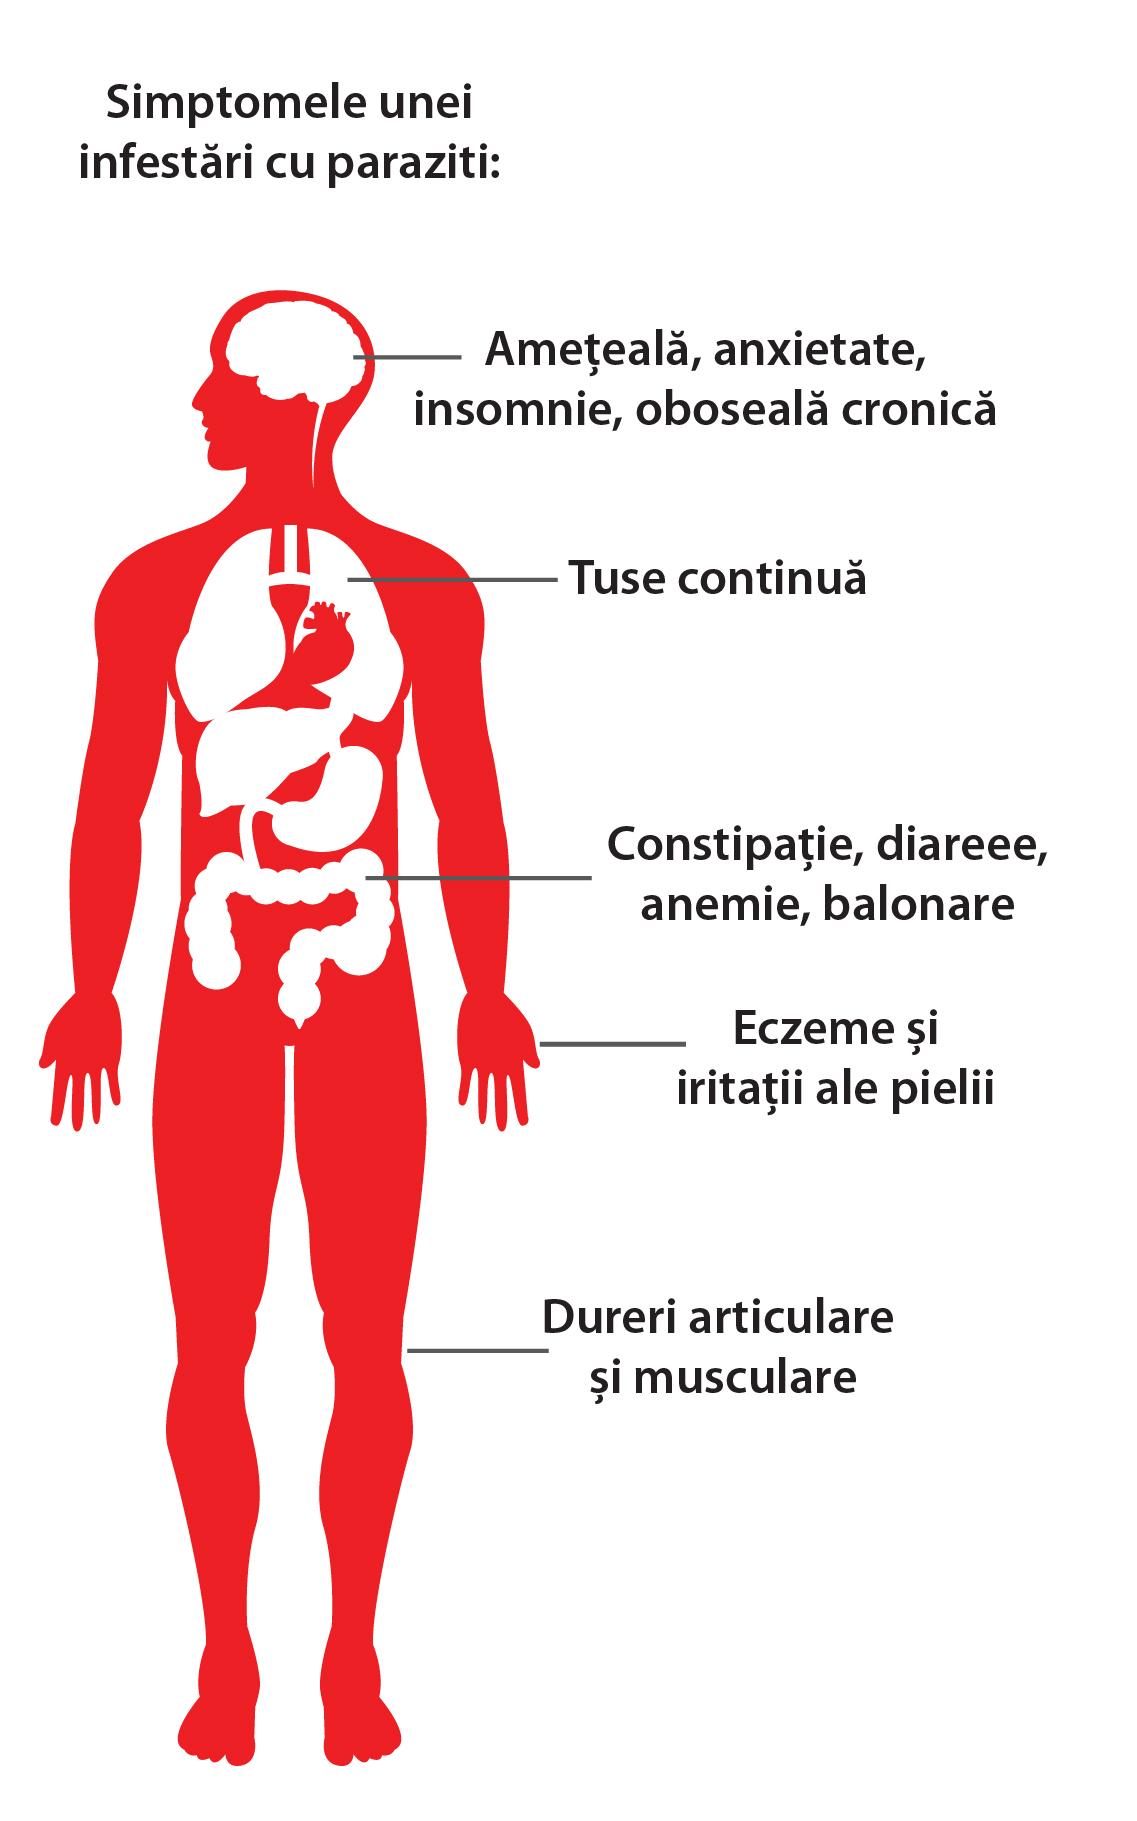 simptome limbrici